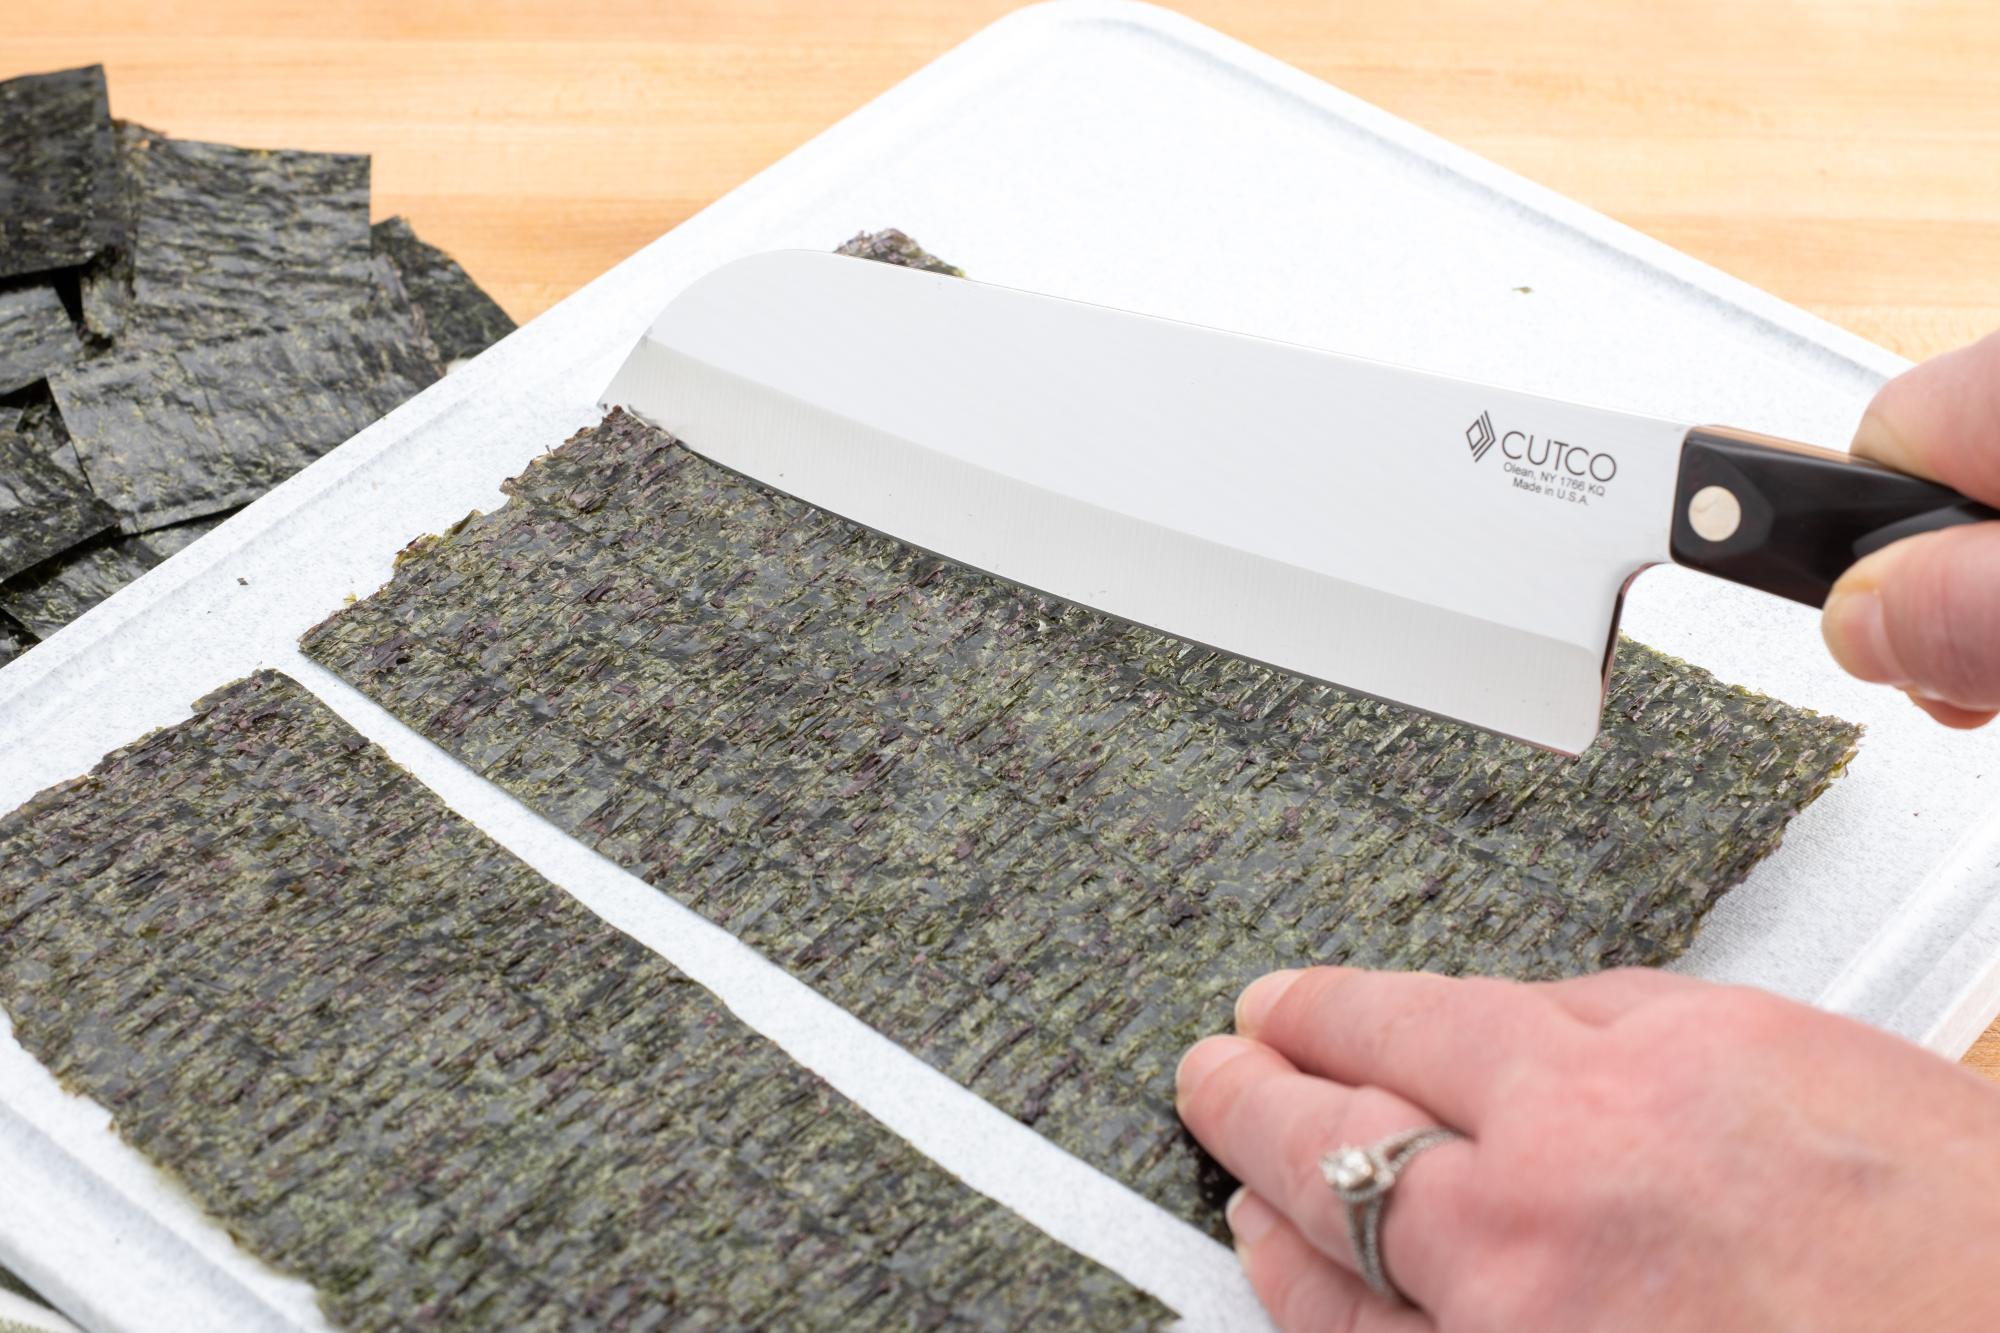 Cutting nori Sheets with a Santoku.